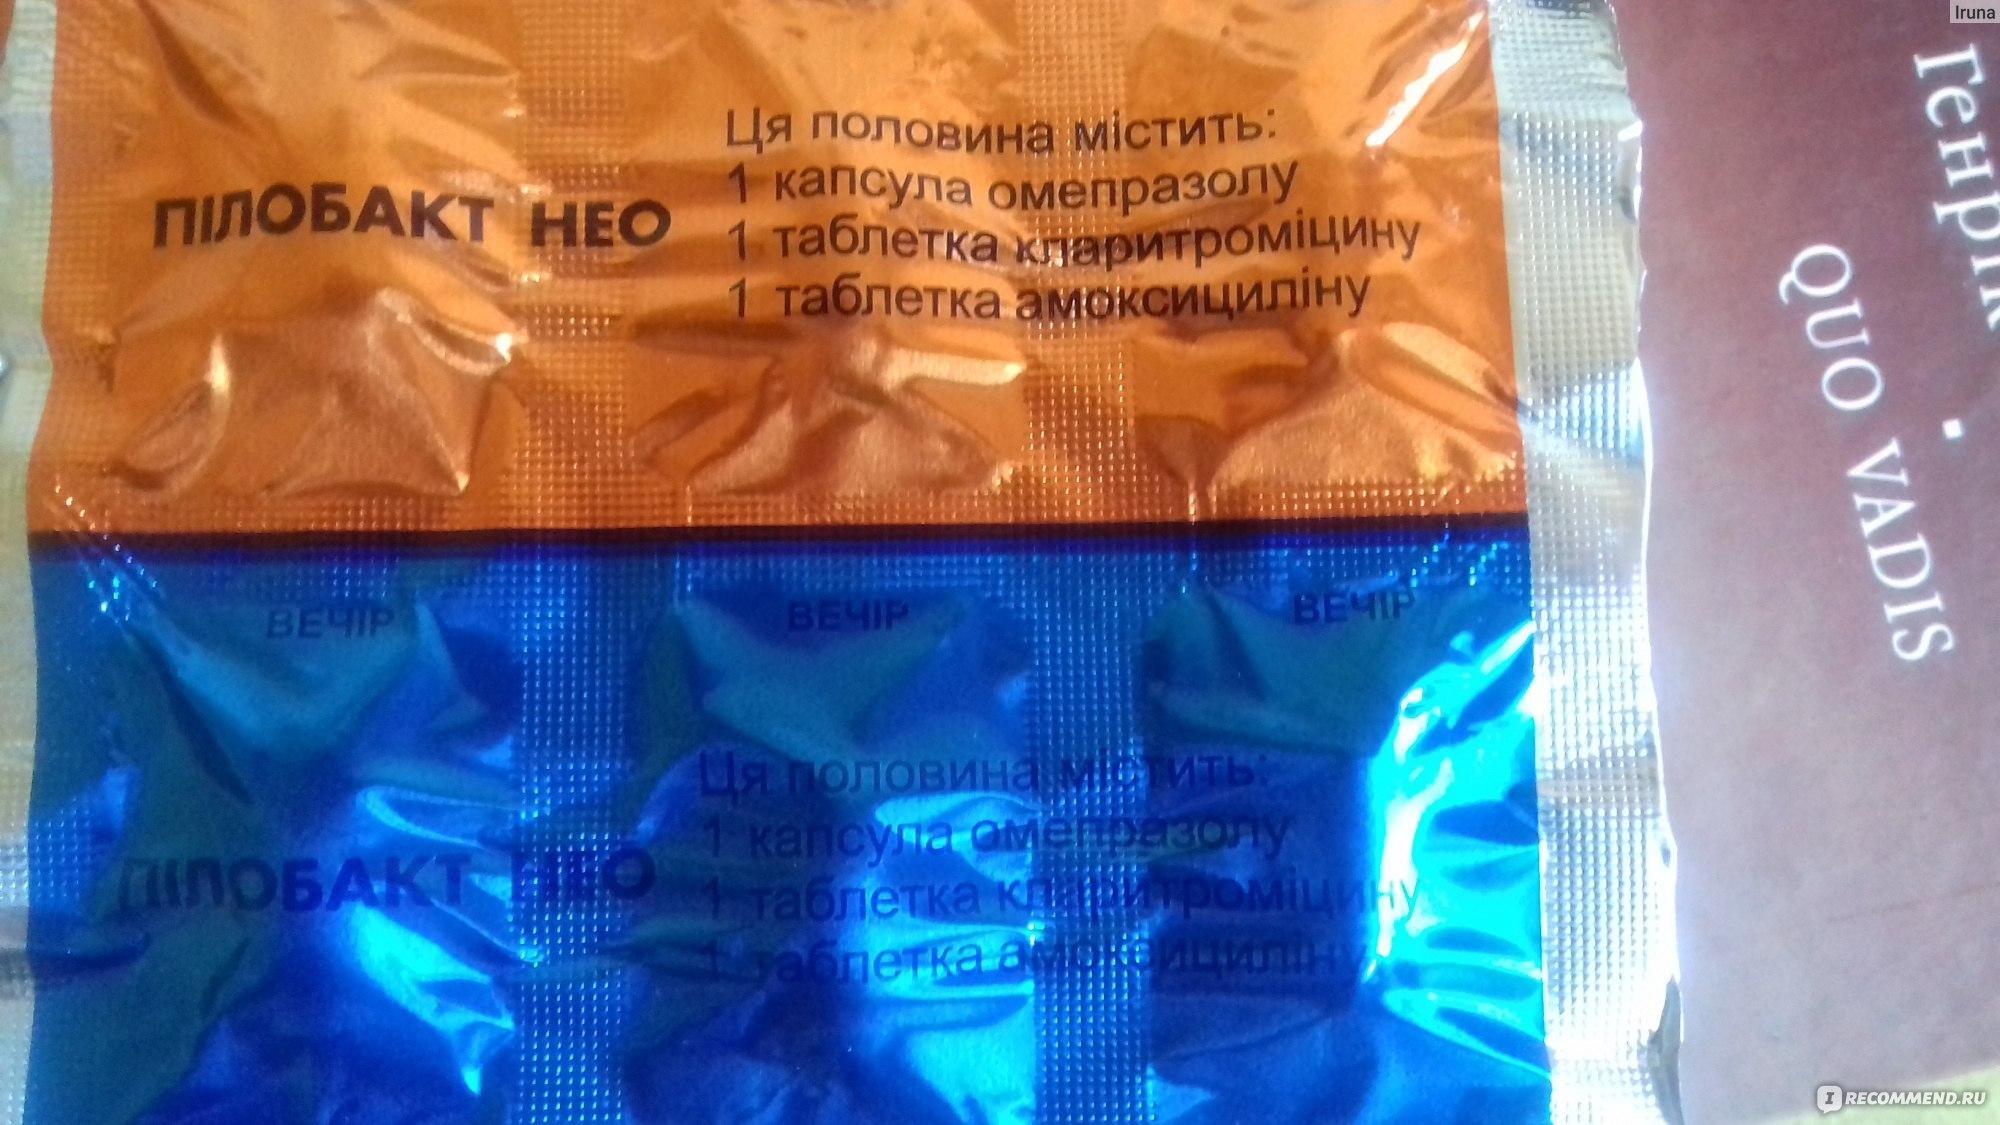 Пилобакт нео